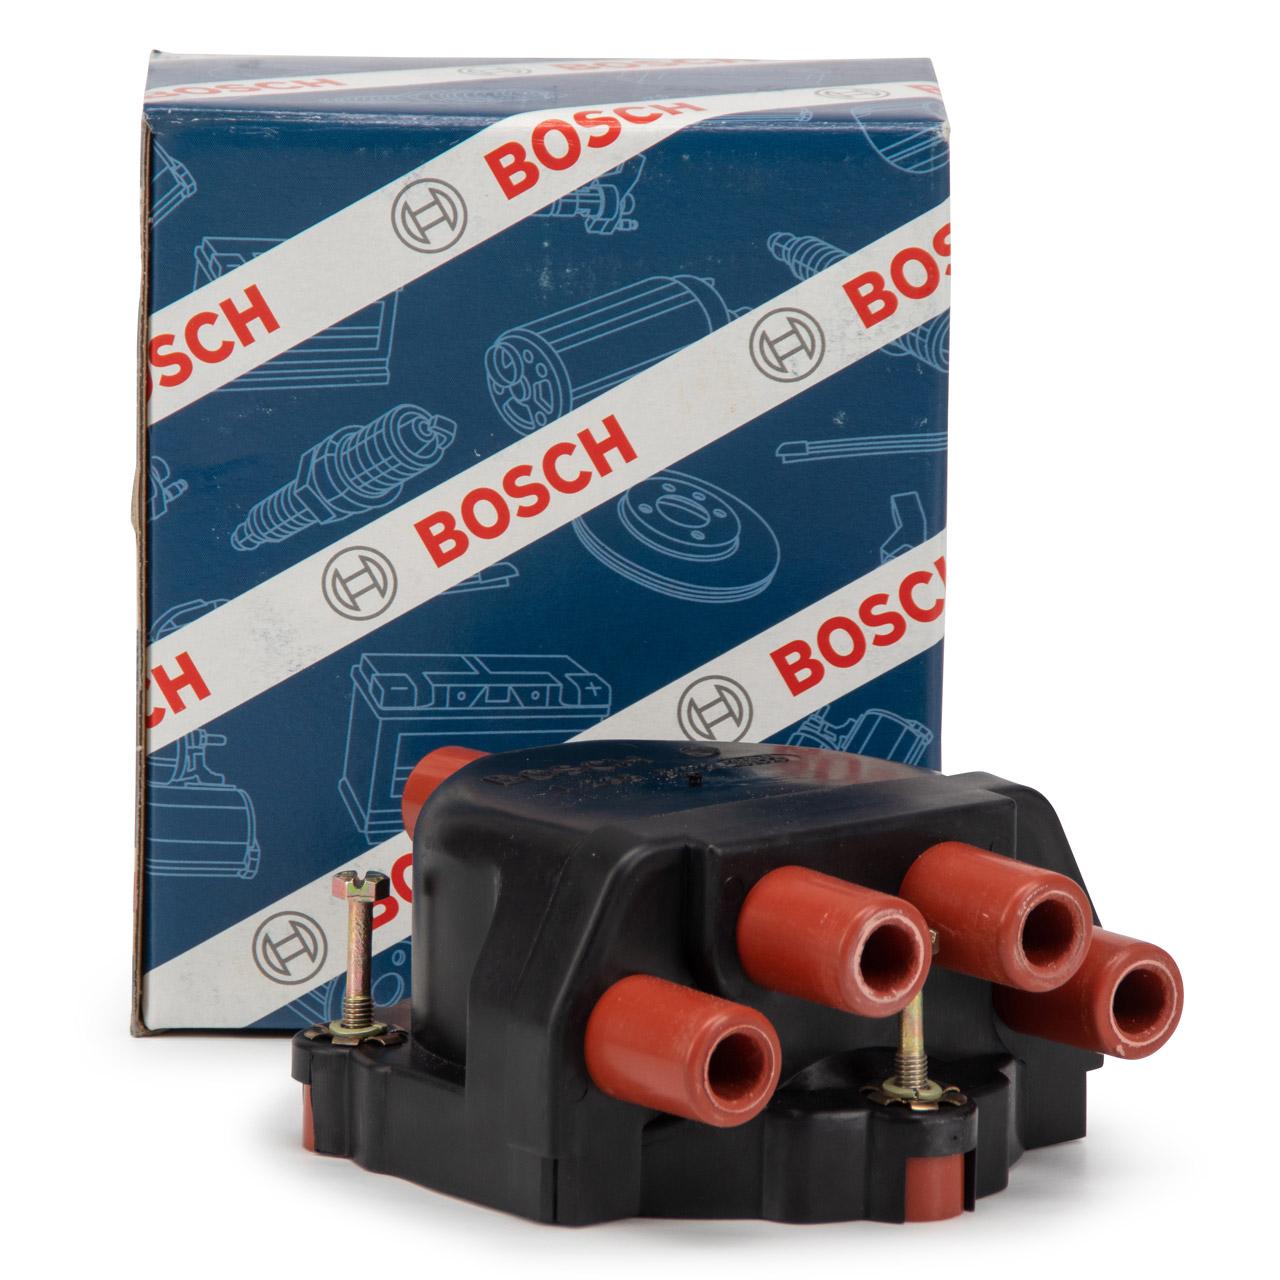 BOSCH 1235522395 Zündverteilerkappe für PORSCHE 928 5.0 5.4 944 2.5 S 3.0 S2 968